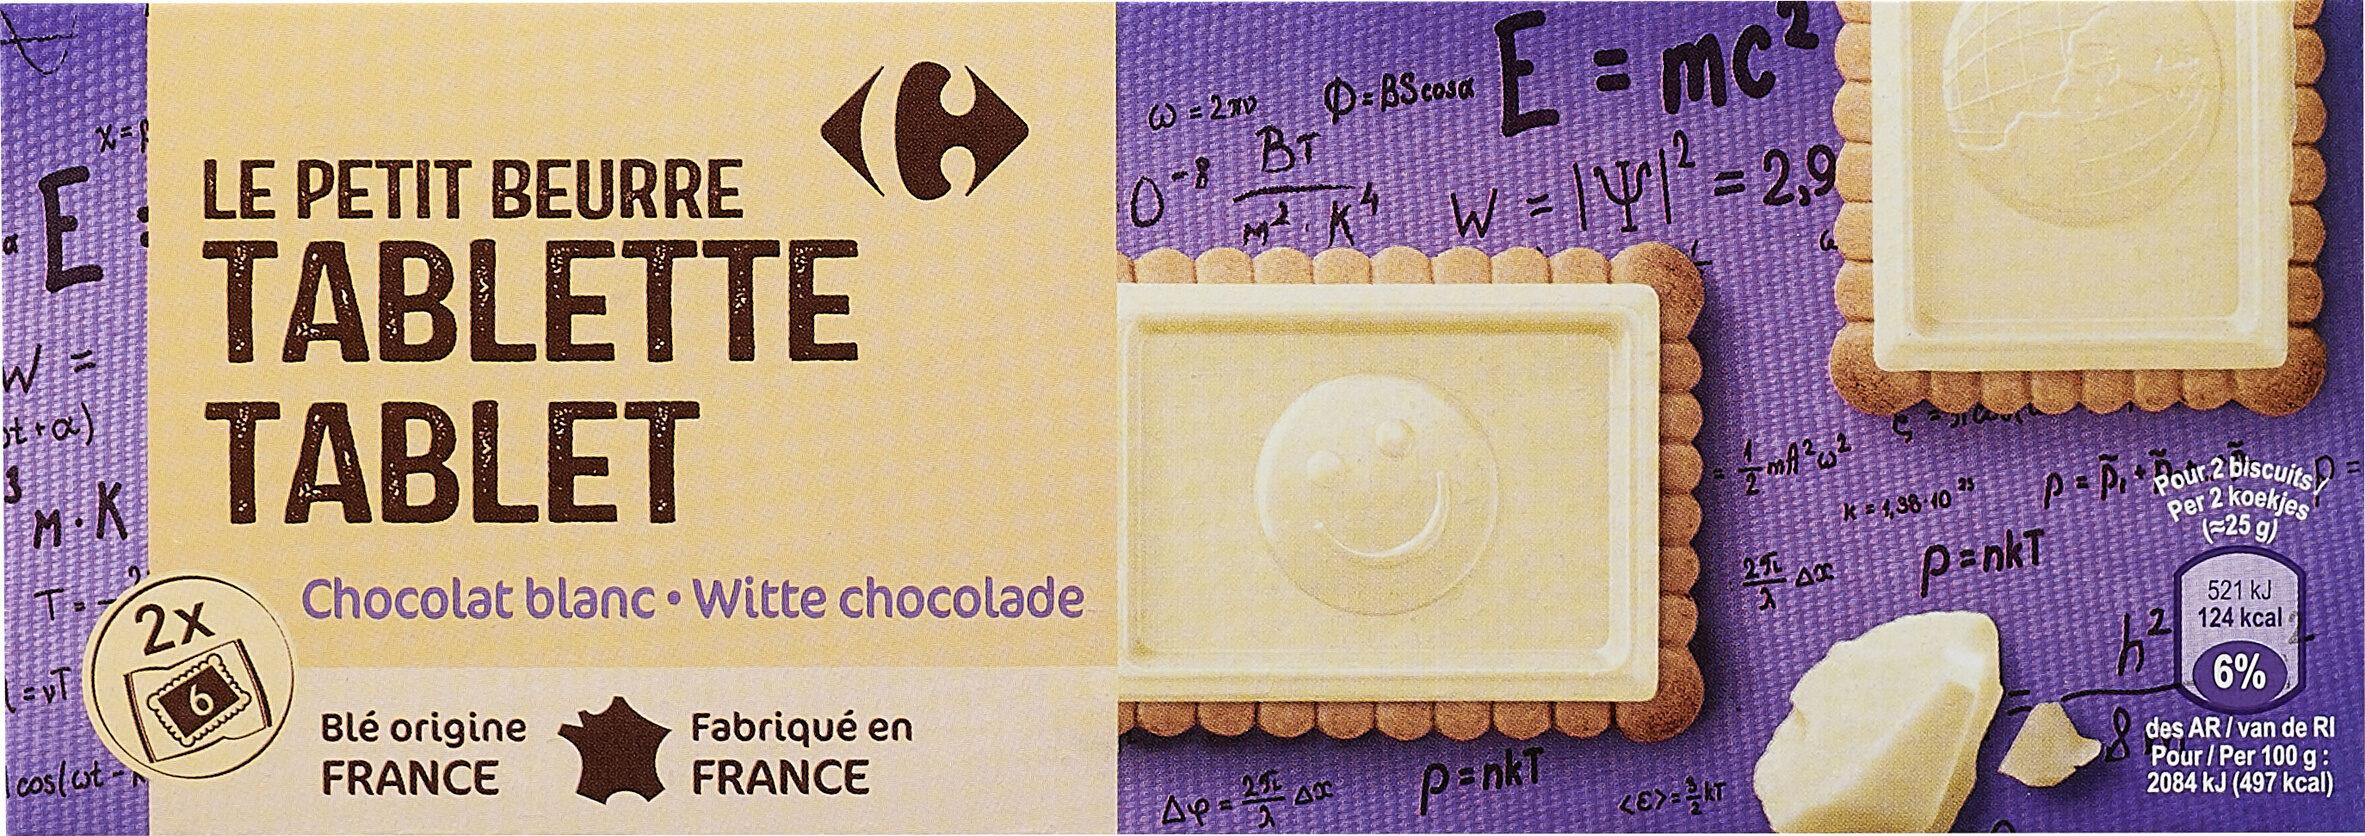 Le Petit Beurre Tablette - Chocolat Blanc - Product - fr